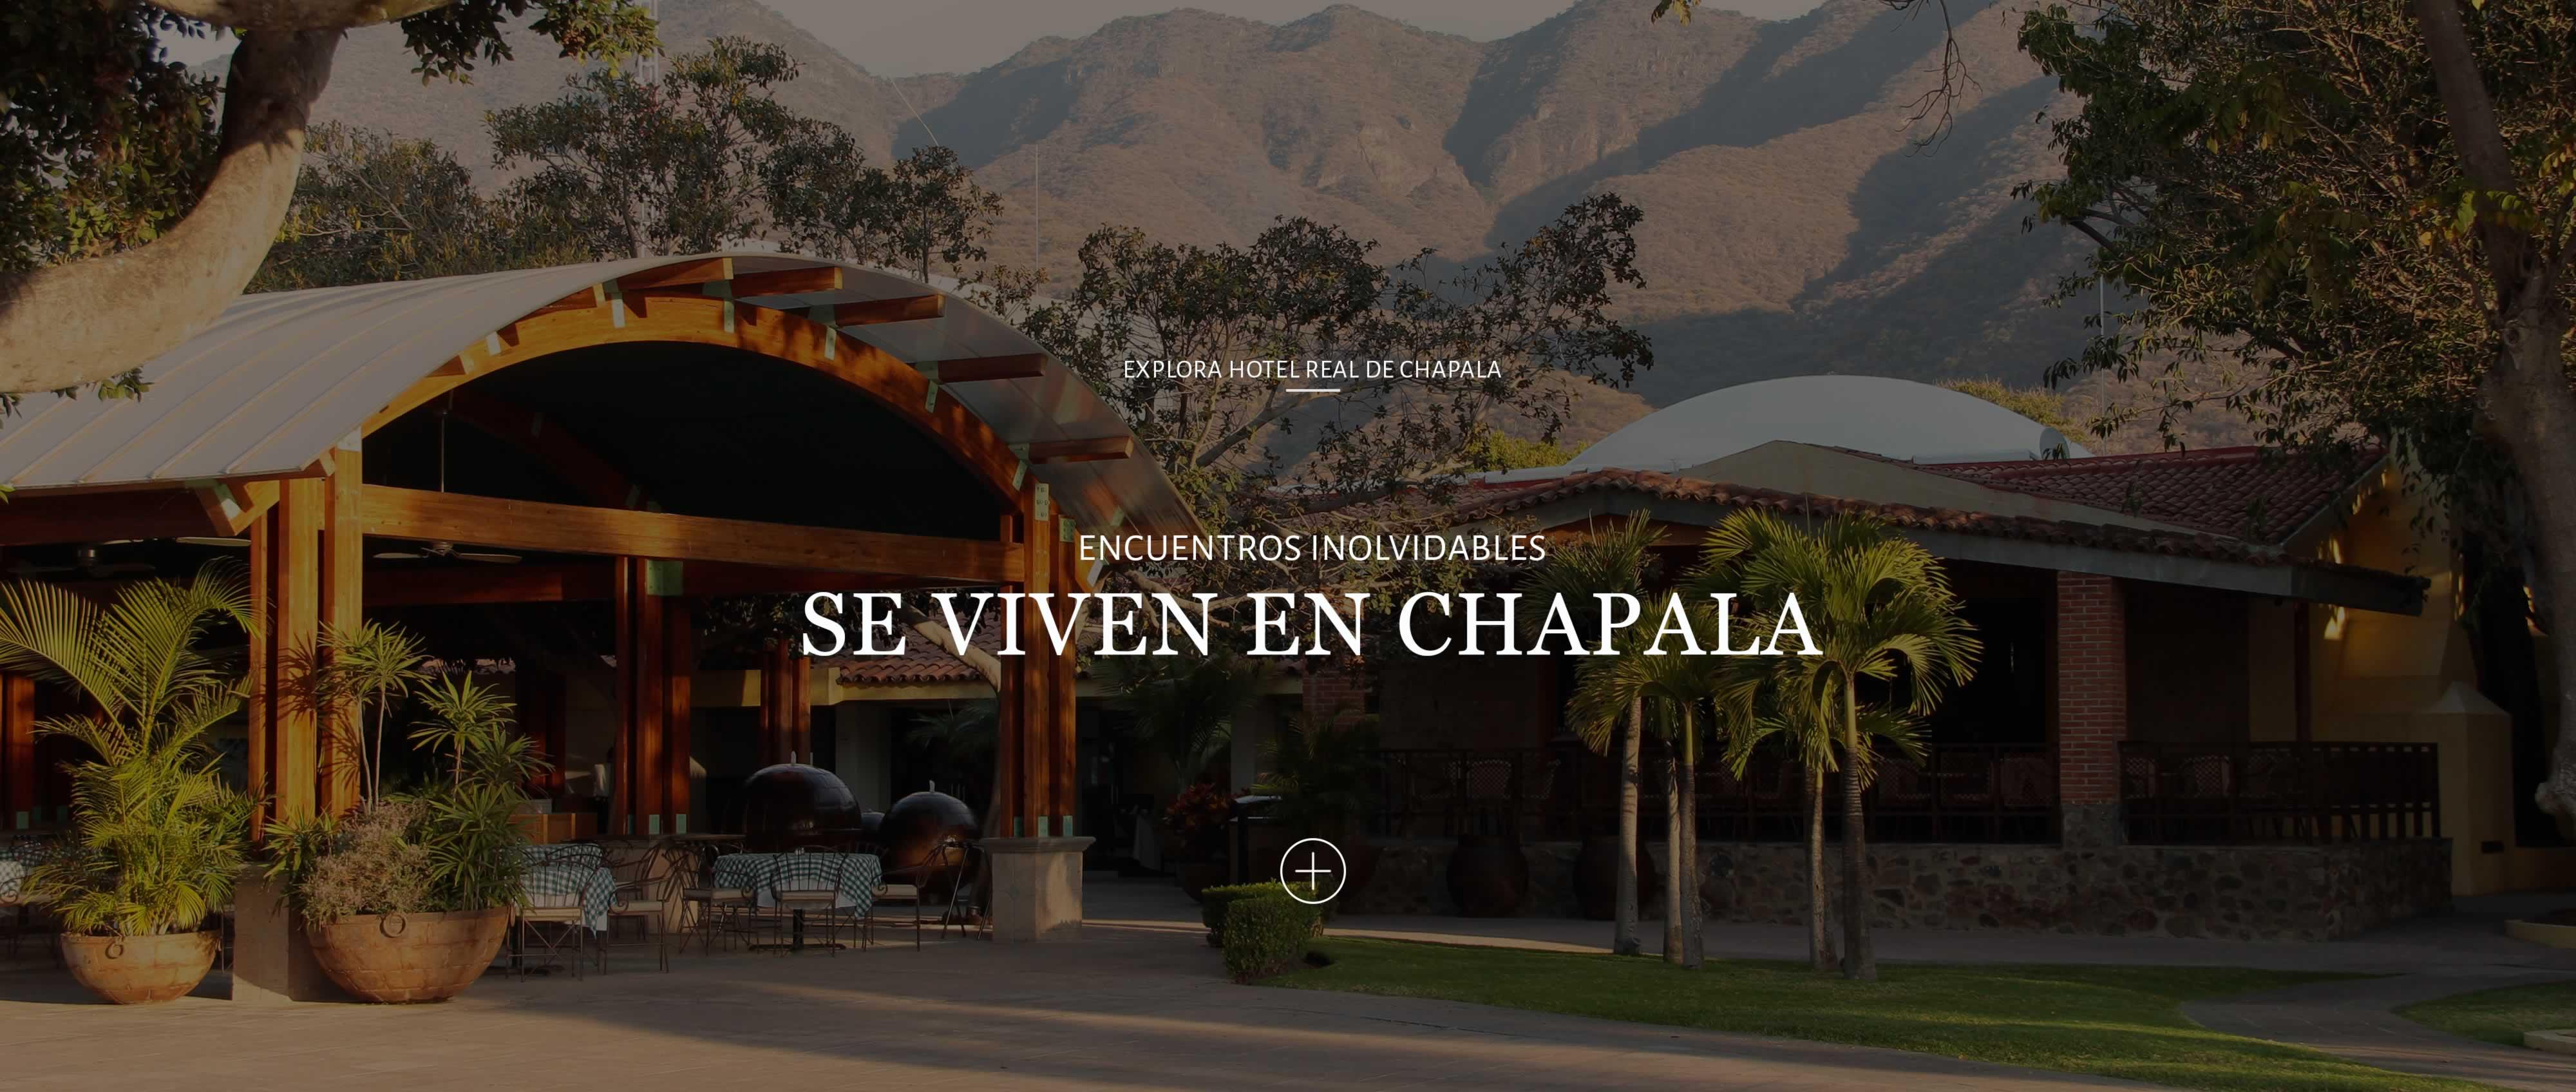 hotel Real de Chapala, Vacaciones, Eventos, Grupos, descanso, ribera